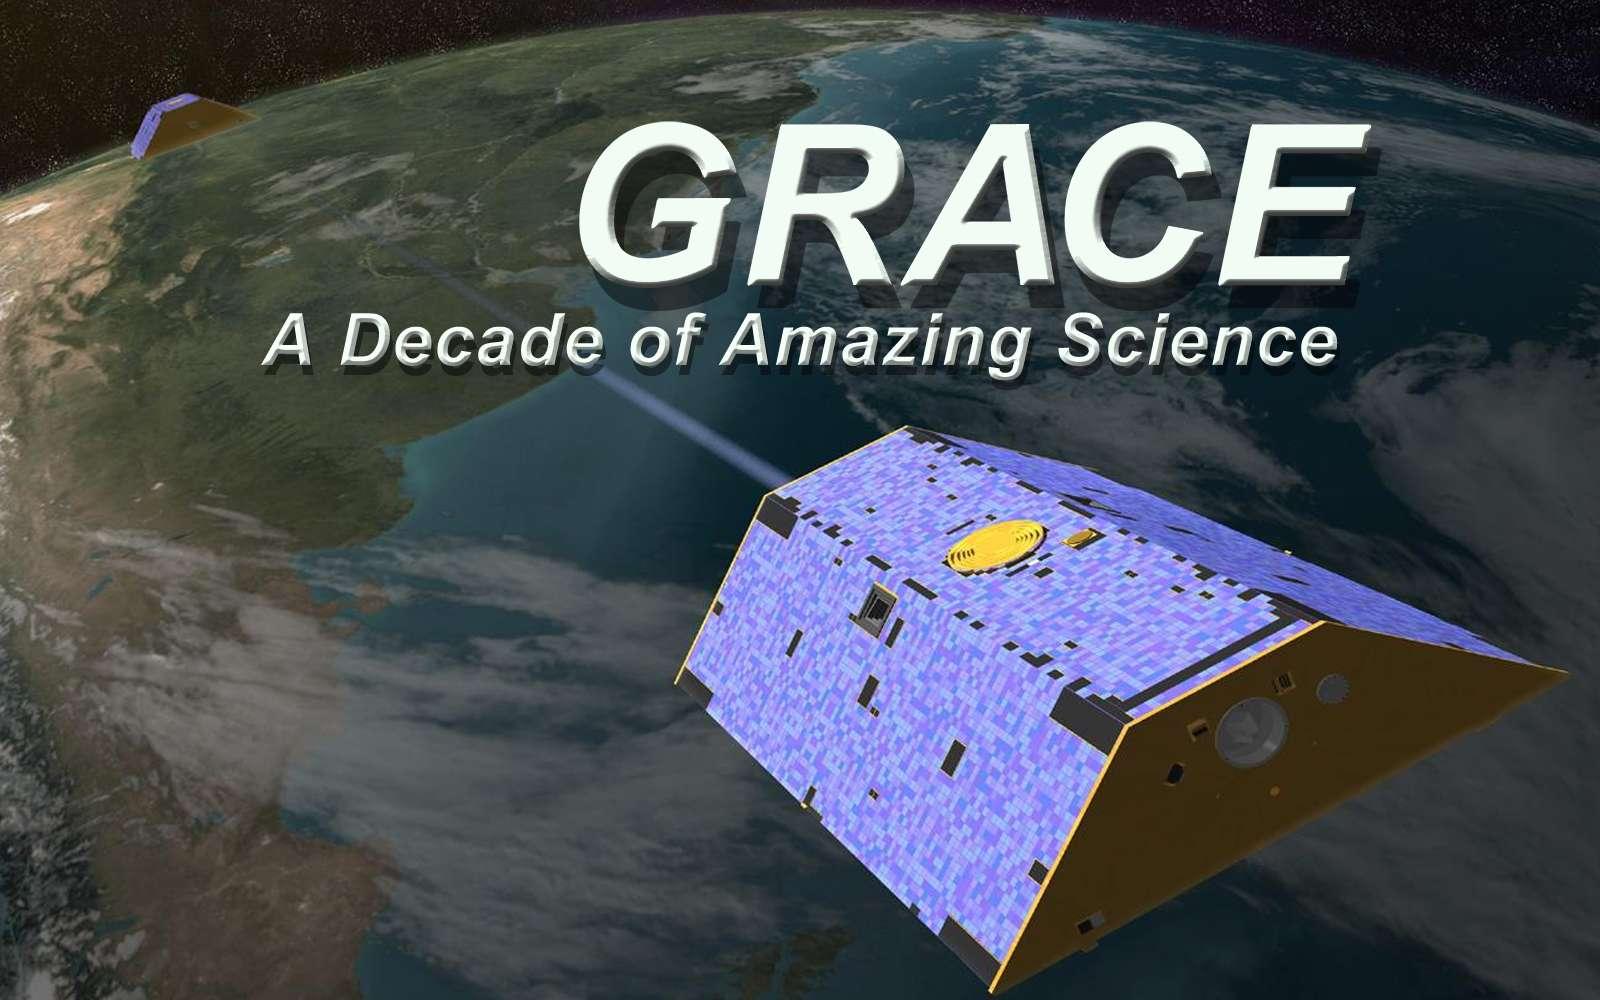 Le programme Grace (pour Gravity Recovery and Climate Experiment) est dédié à la mesure précise du champ de gravité terrestre. Il repose sur deux satellites jumeaux, lancés en 2002. Il a permis à la communauté scientifique de dresser une cartographie précise de l'intensité du champ gravitationnel terrestre. © Nasa